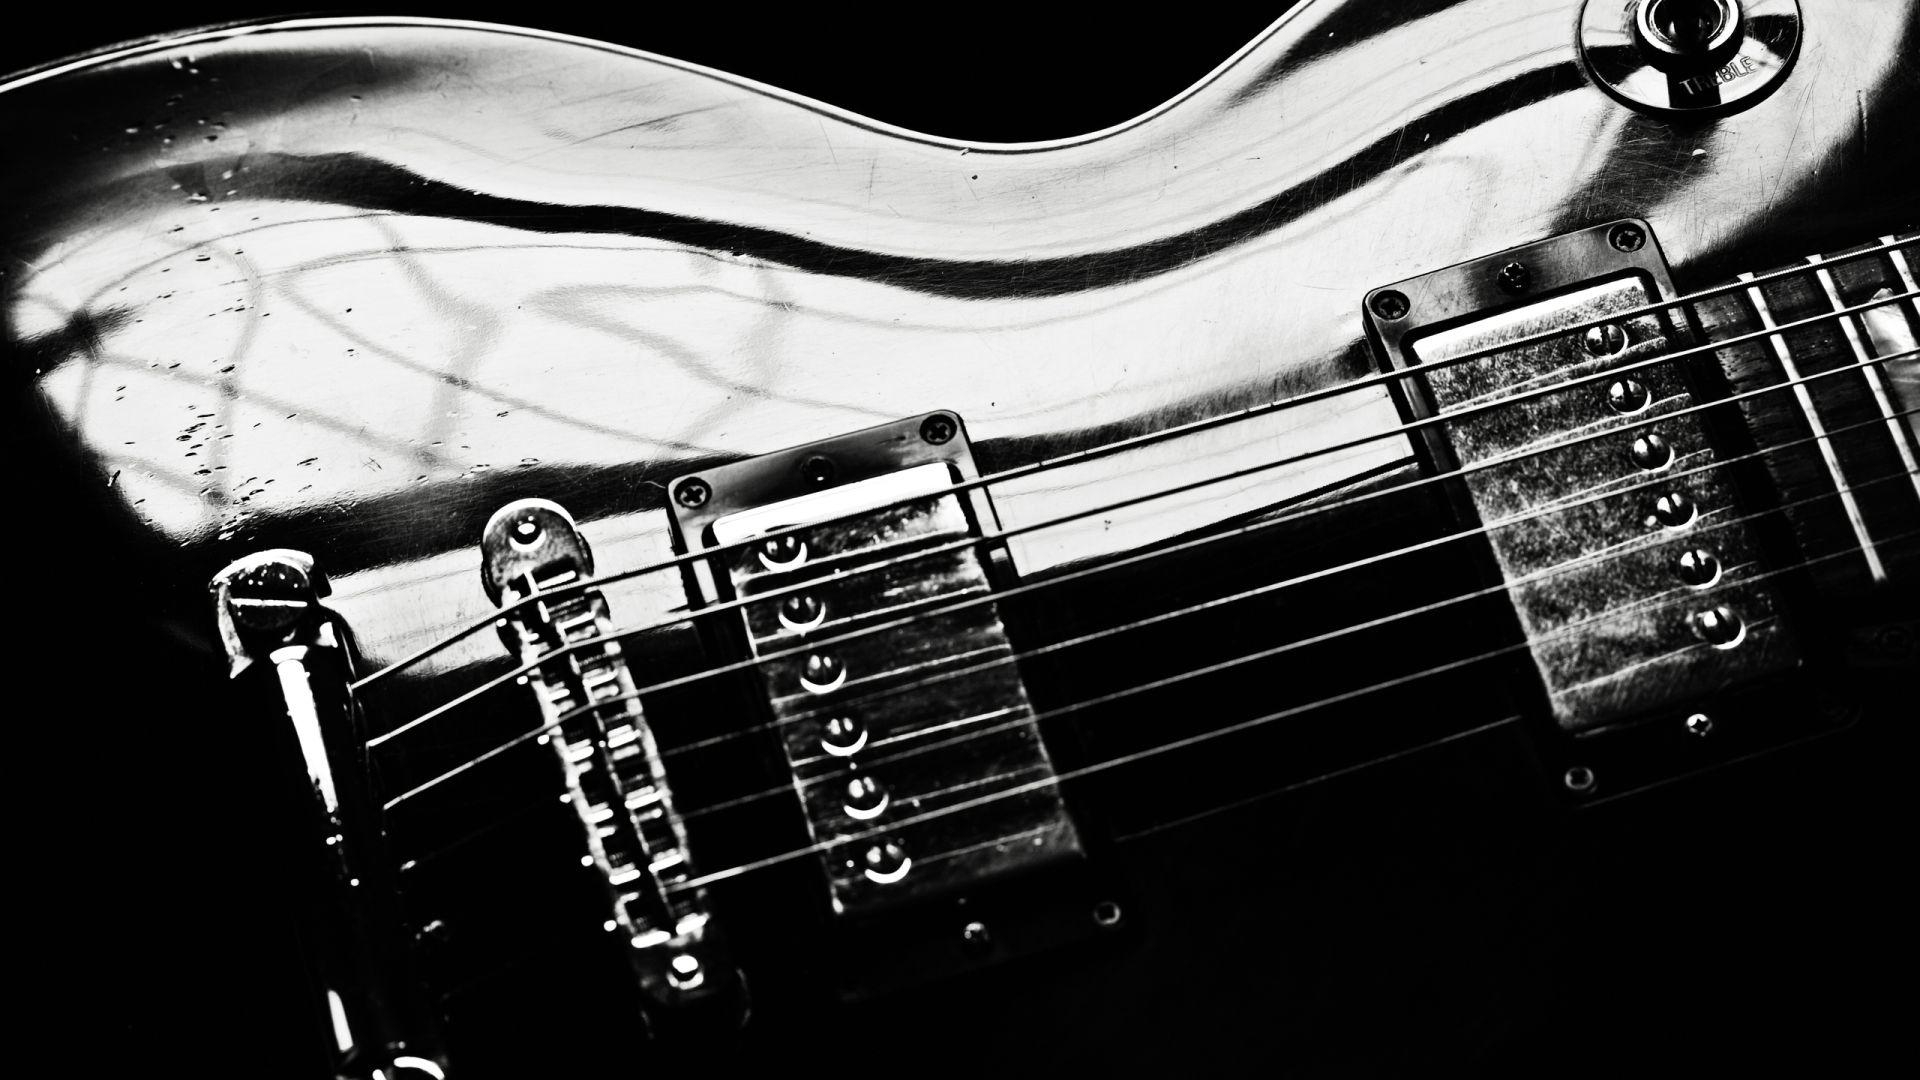 Electric Guitar, Free Wallpaper